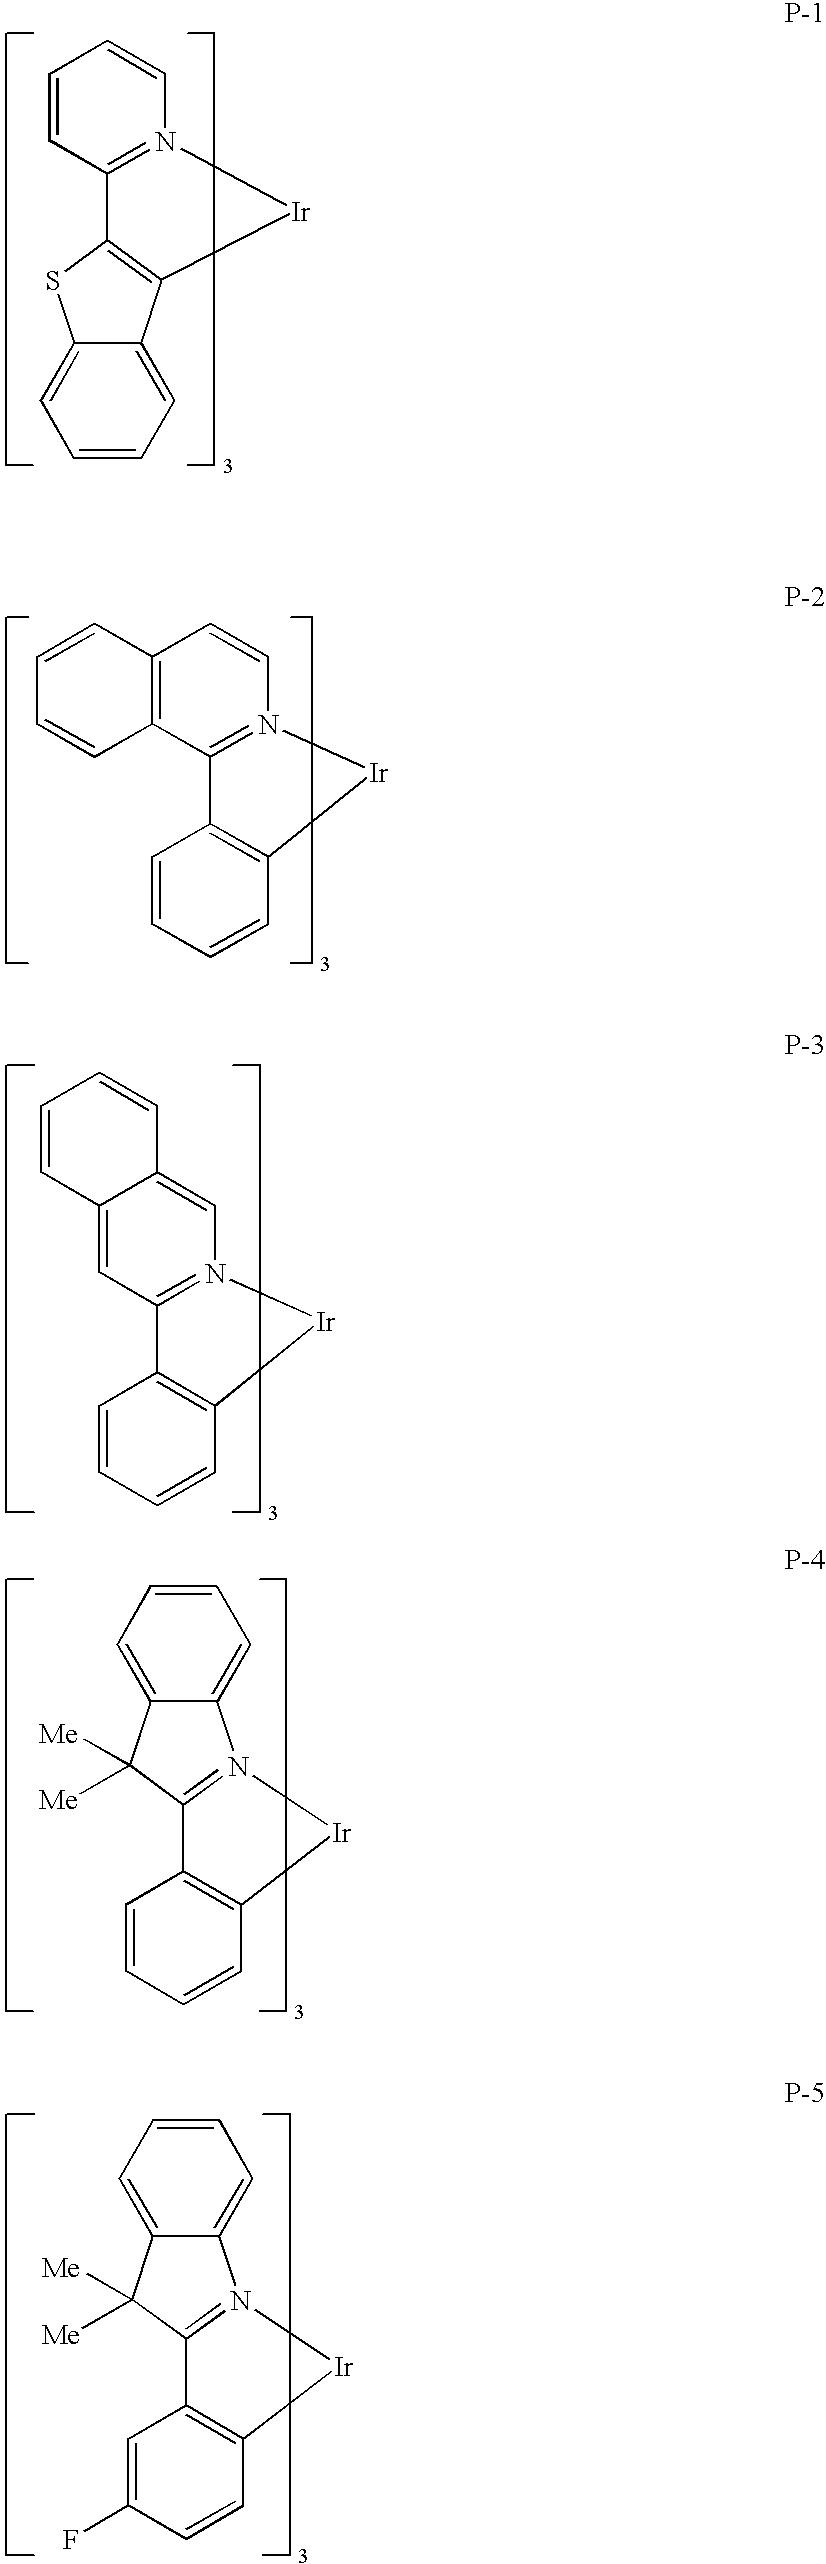 Figure US20090191427A1-20090730-C00048